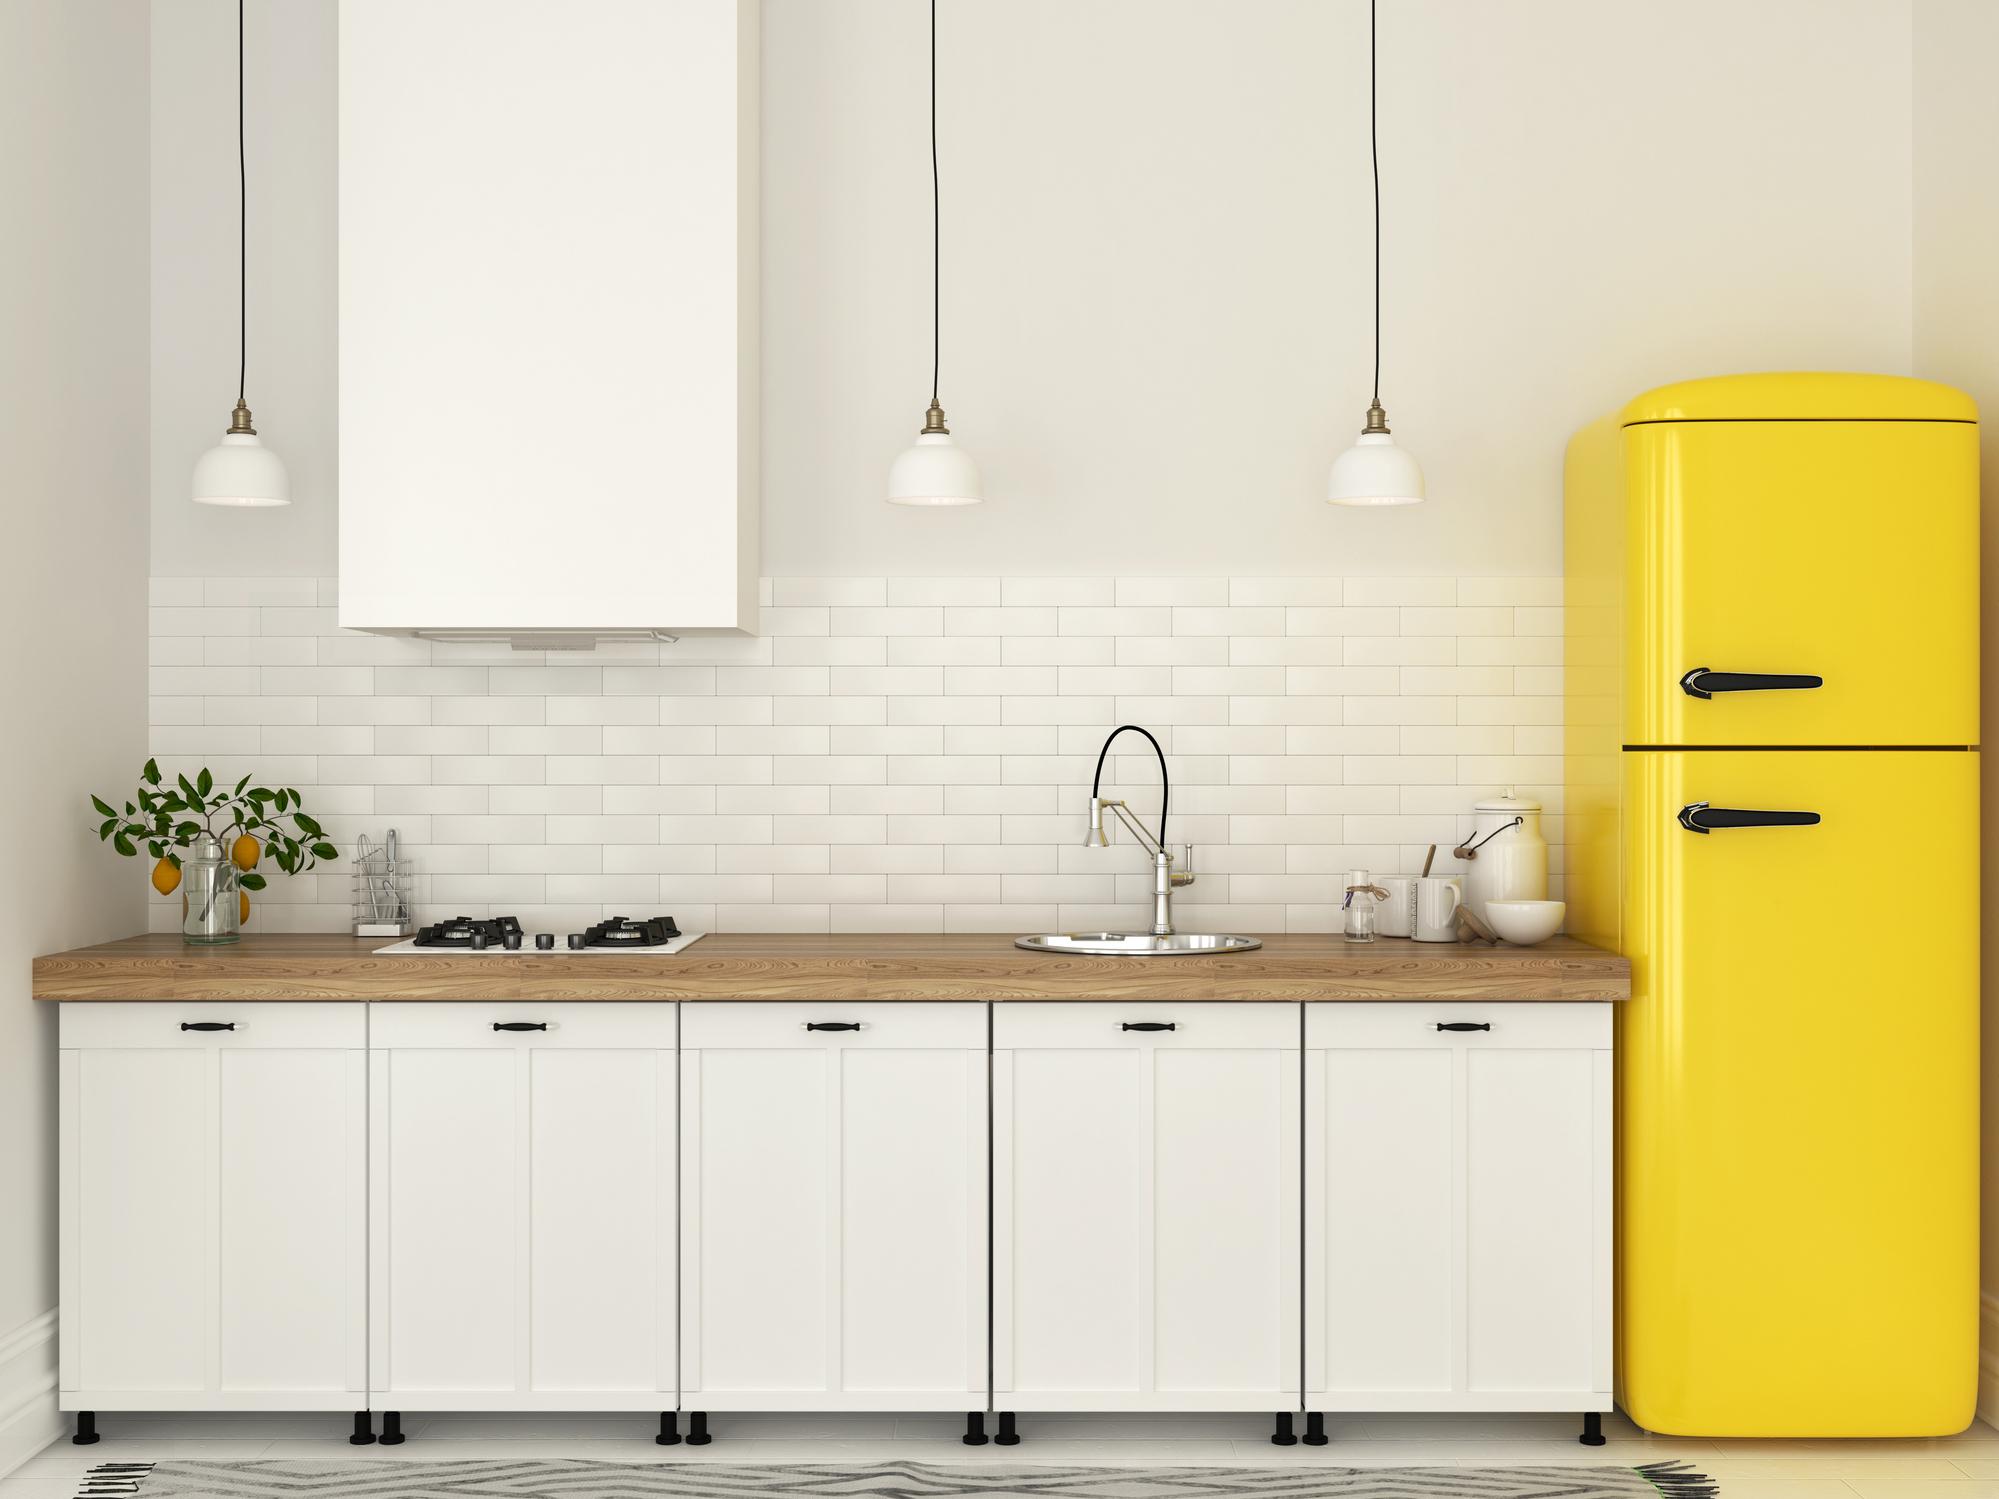 Žltá retro chladnička v malej bielej kuchyni